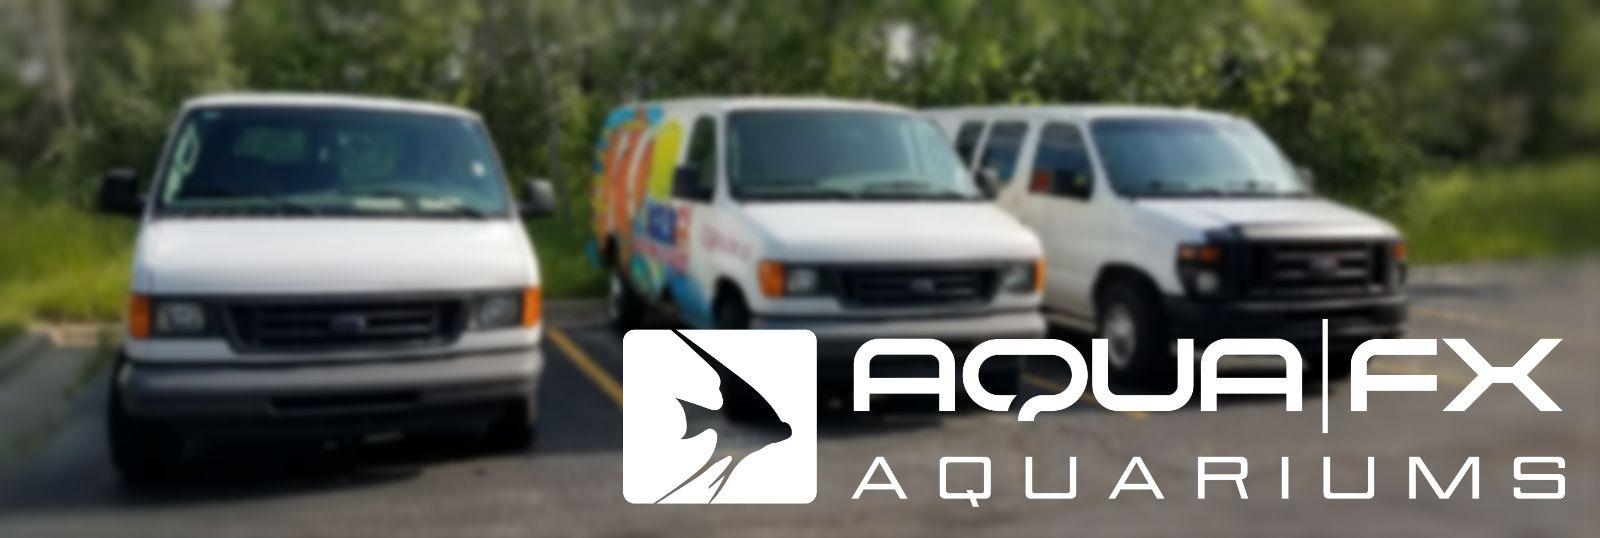 Aqua FX Aquariums Vans